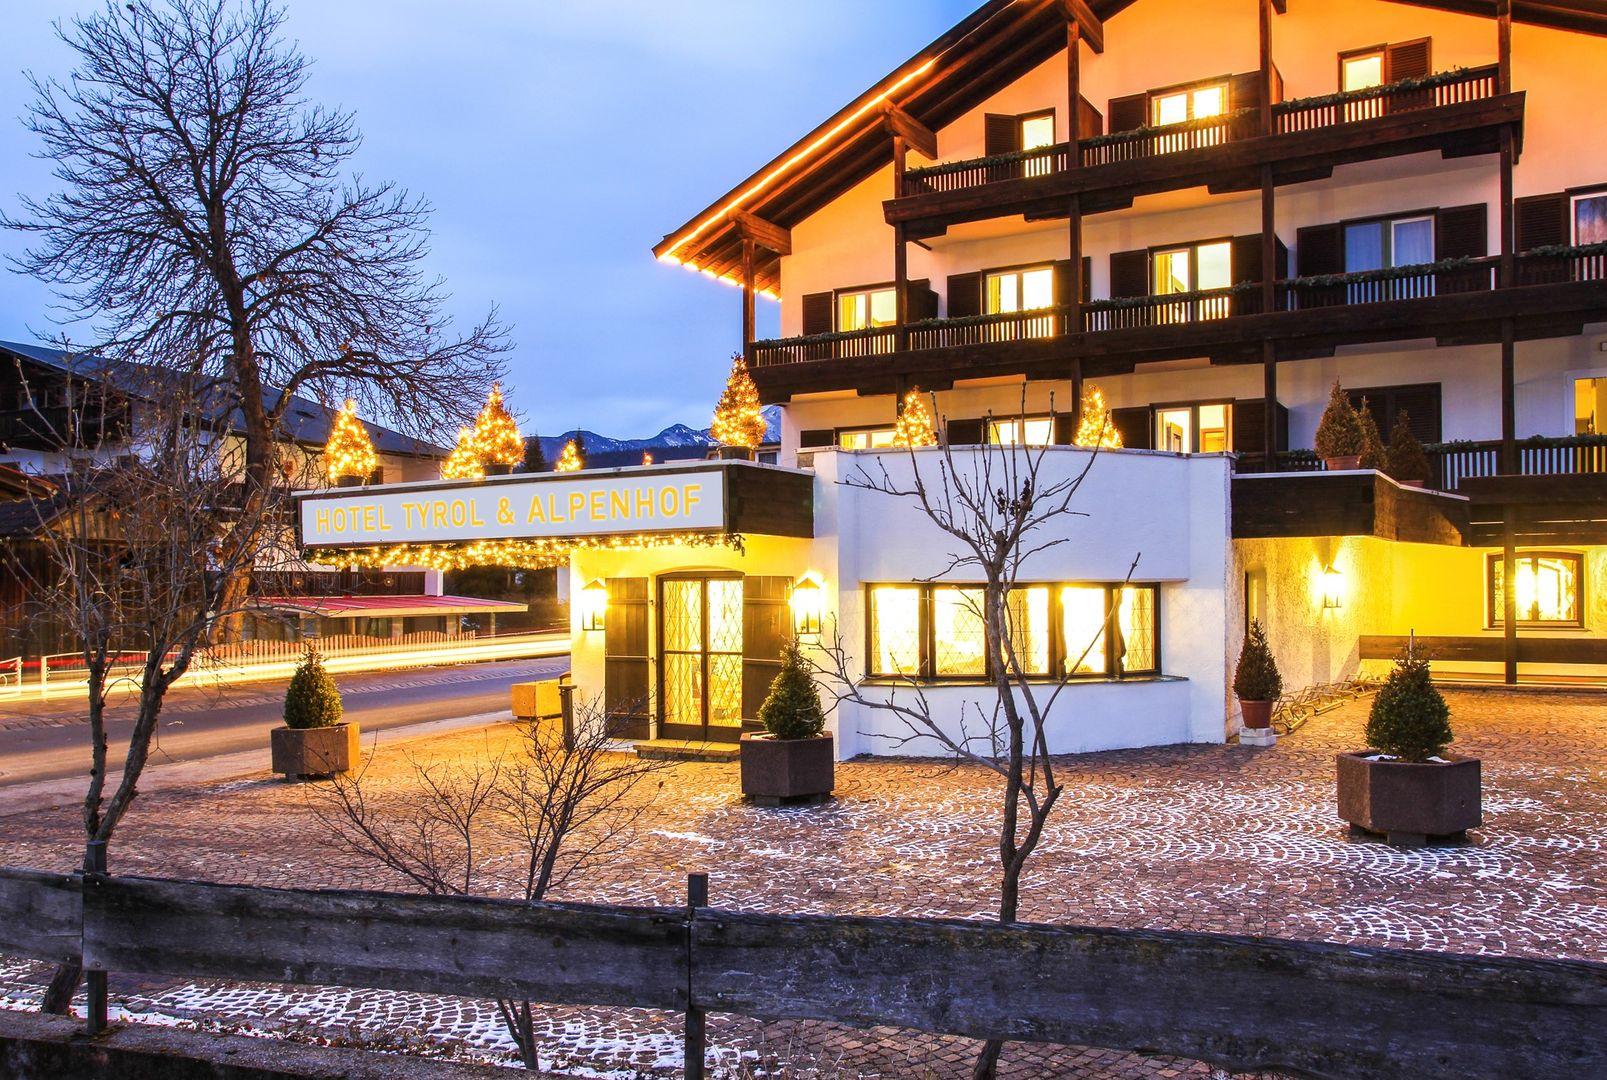 Meer info over Hotel Tyrol & Alpenhof  bij Wintertrex